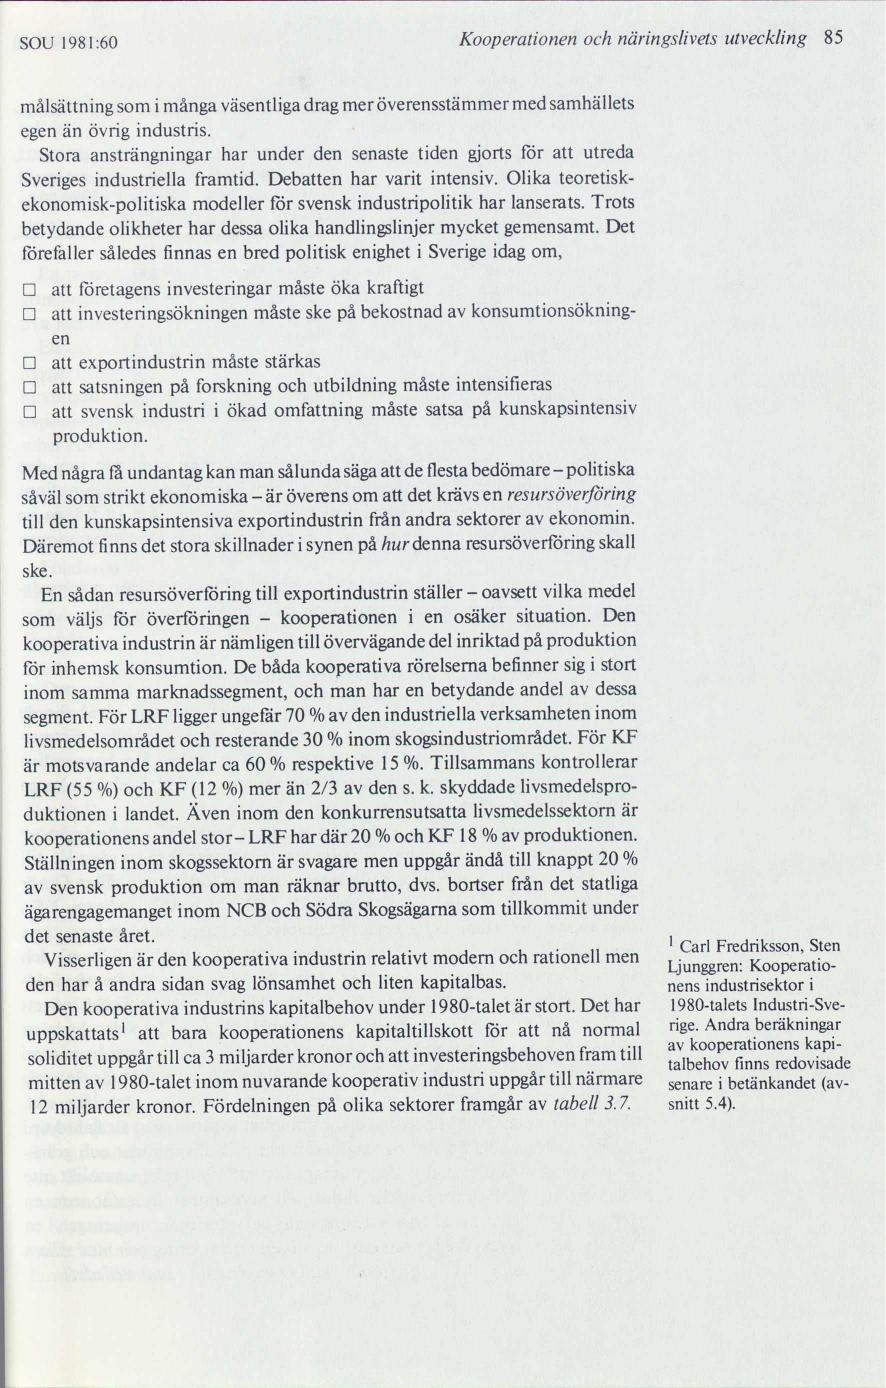 Svenskstott bistandsprogram stoppas